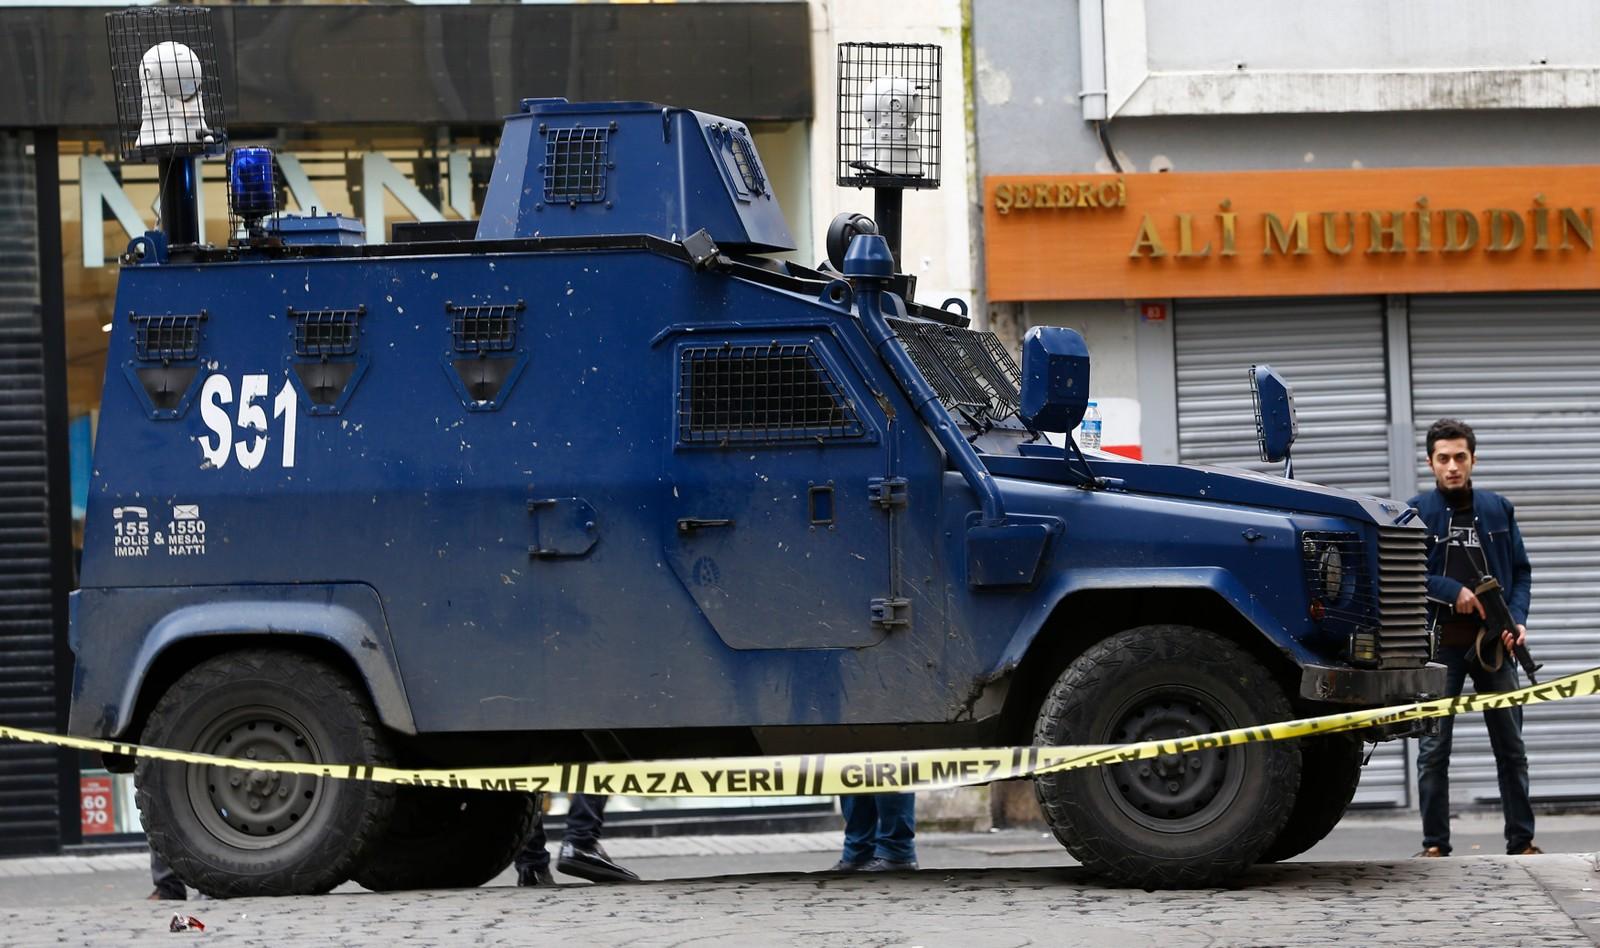 Politifolk ved åstedet for selvmordsangrepet i Istanbul.